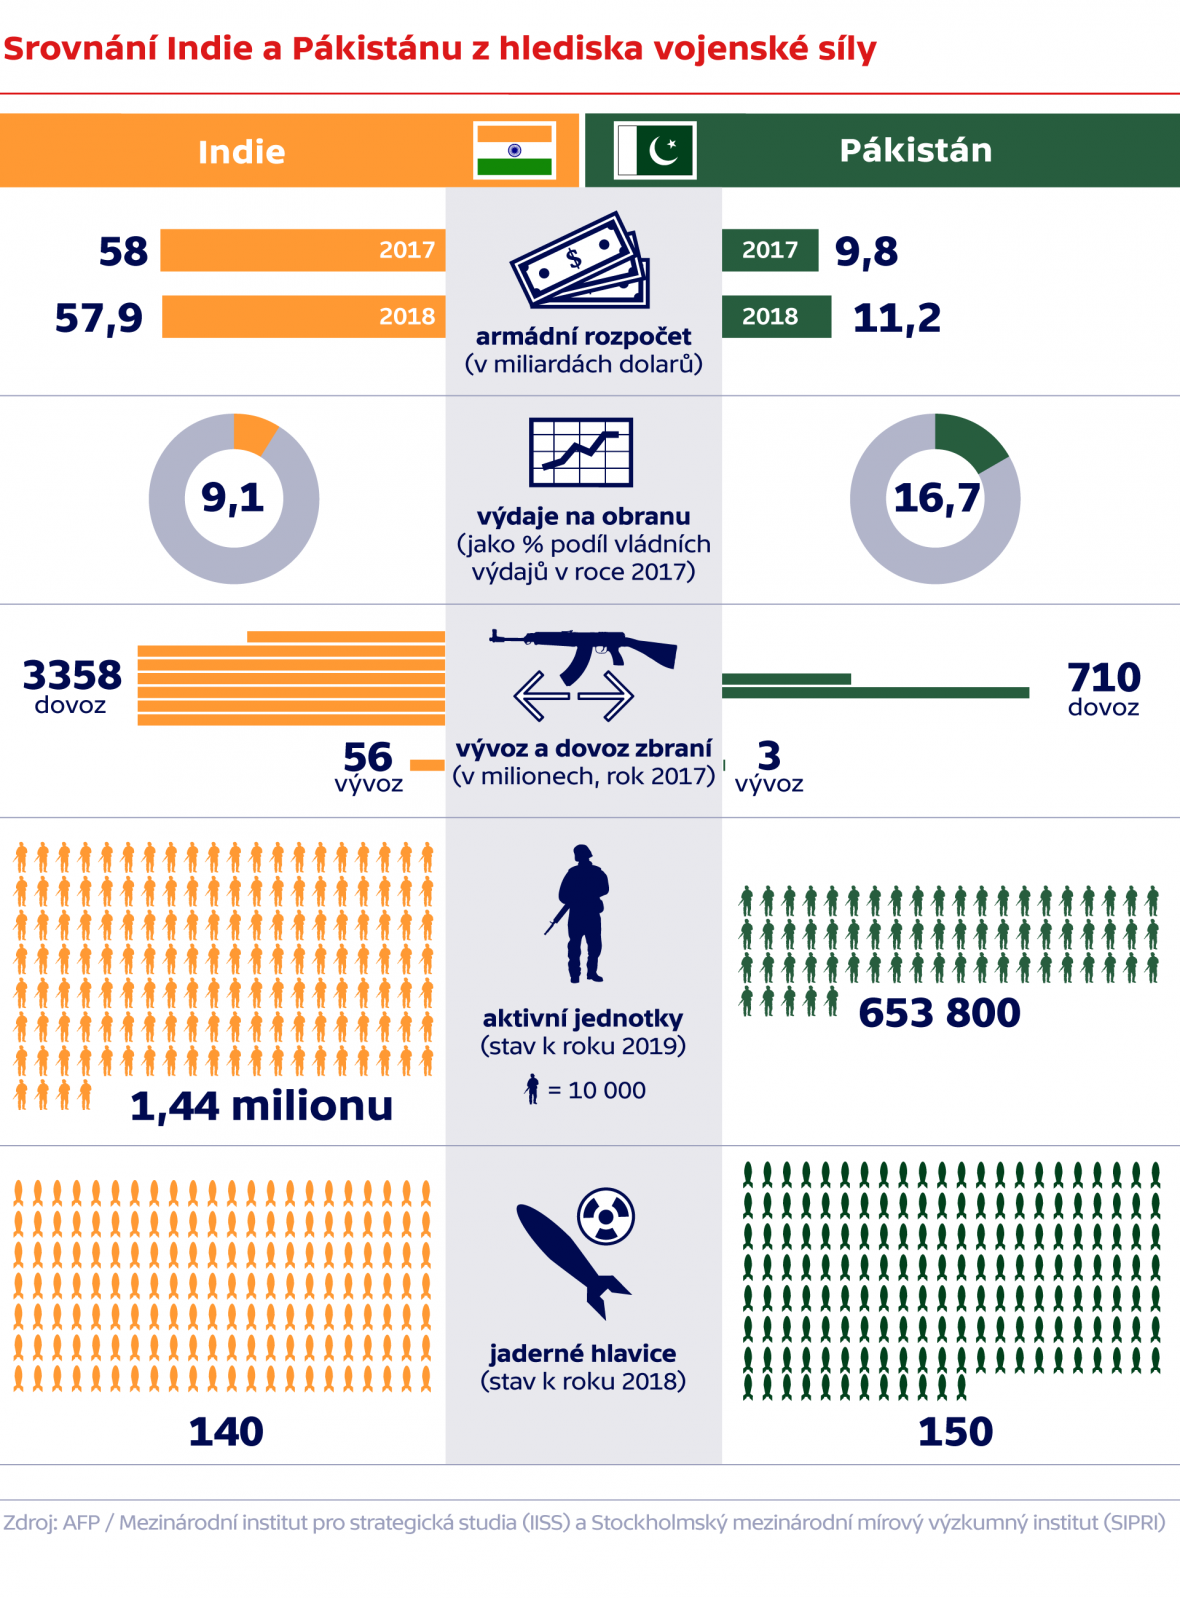 Srovnání Indie a Pákistánu z hlediska vojenské síly